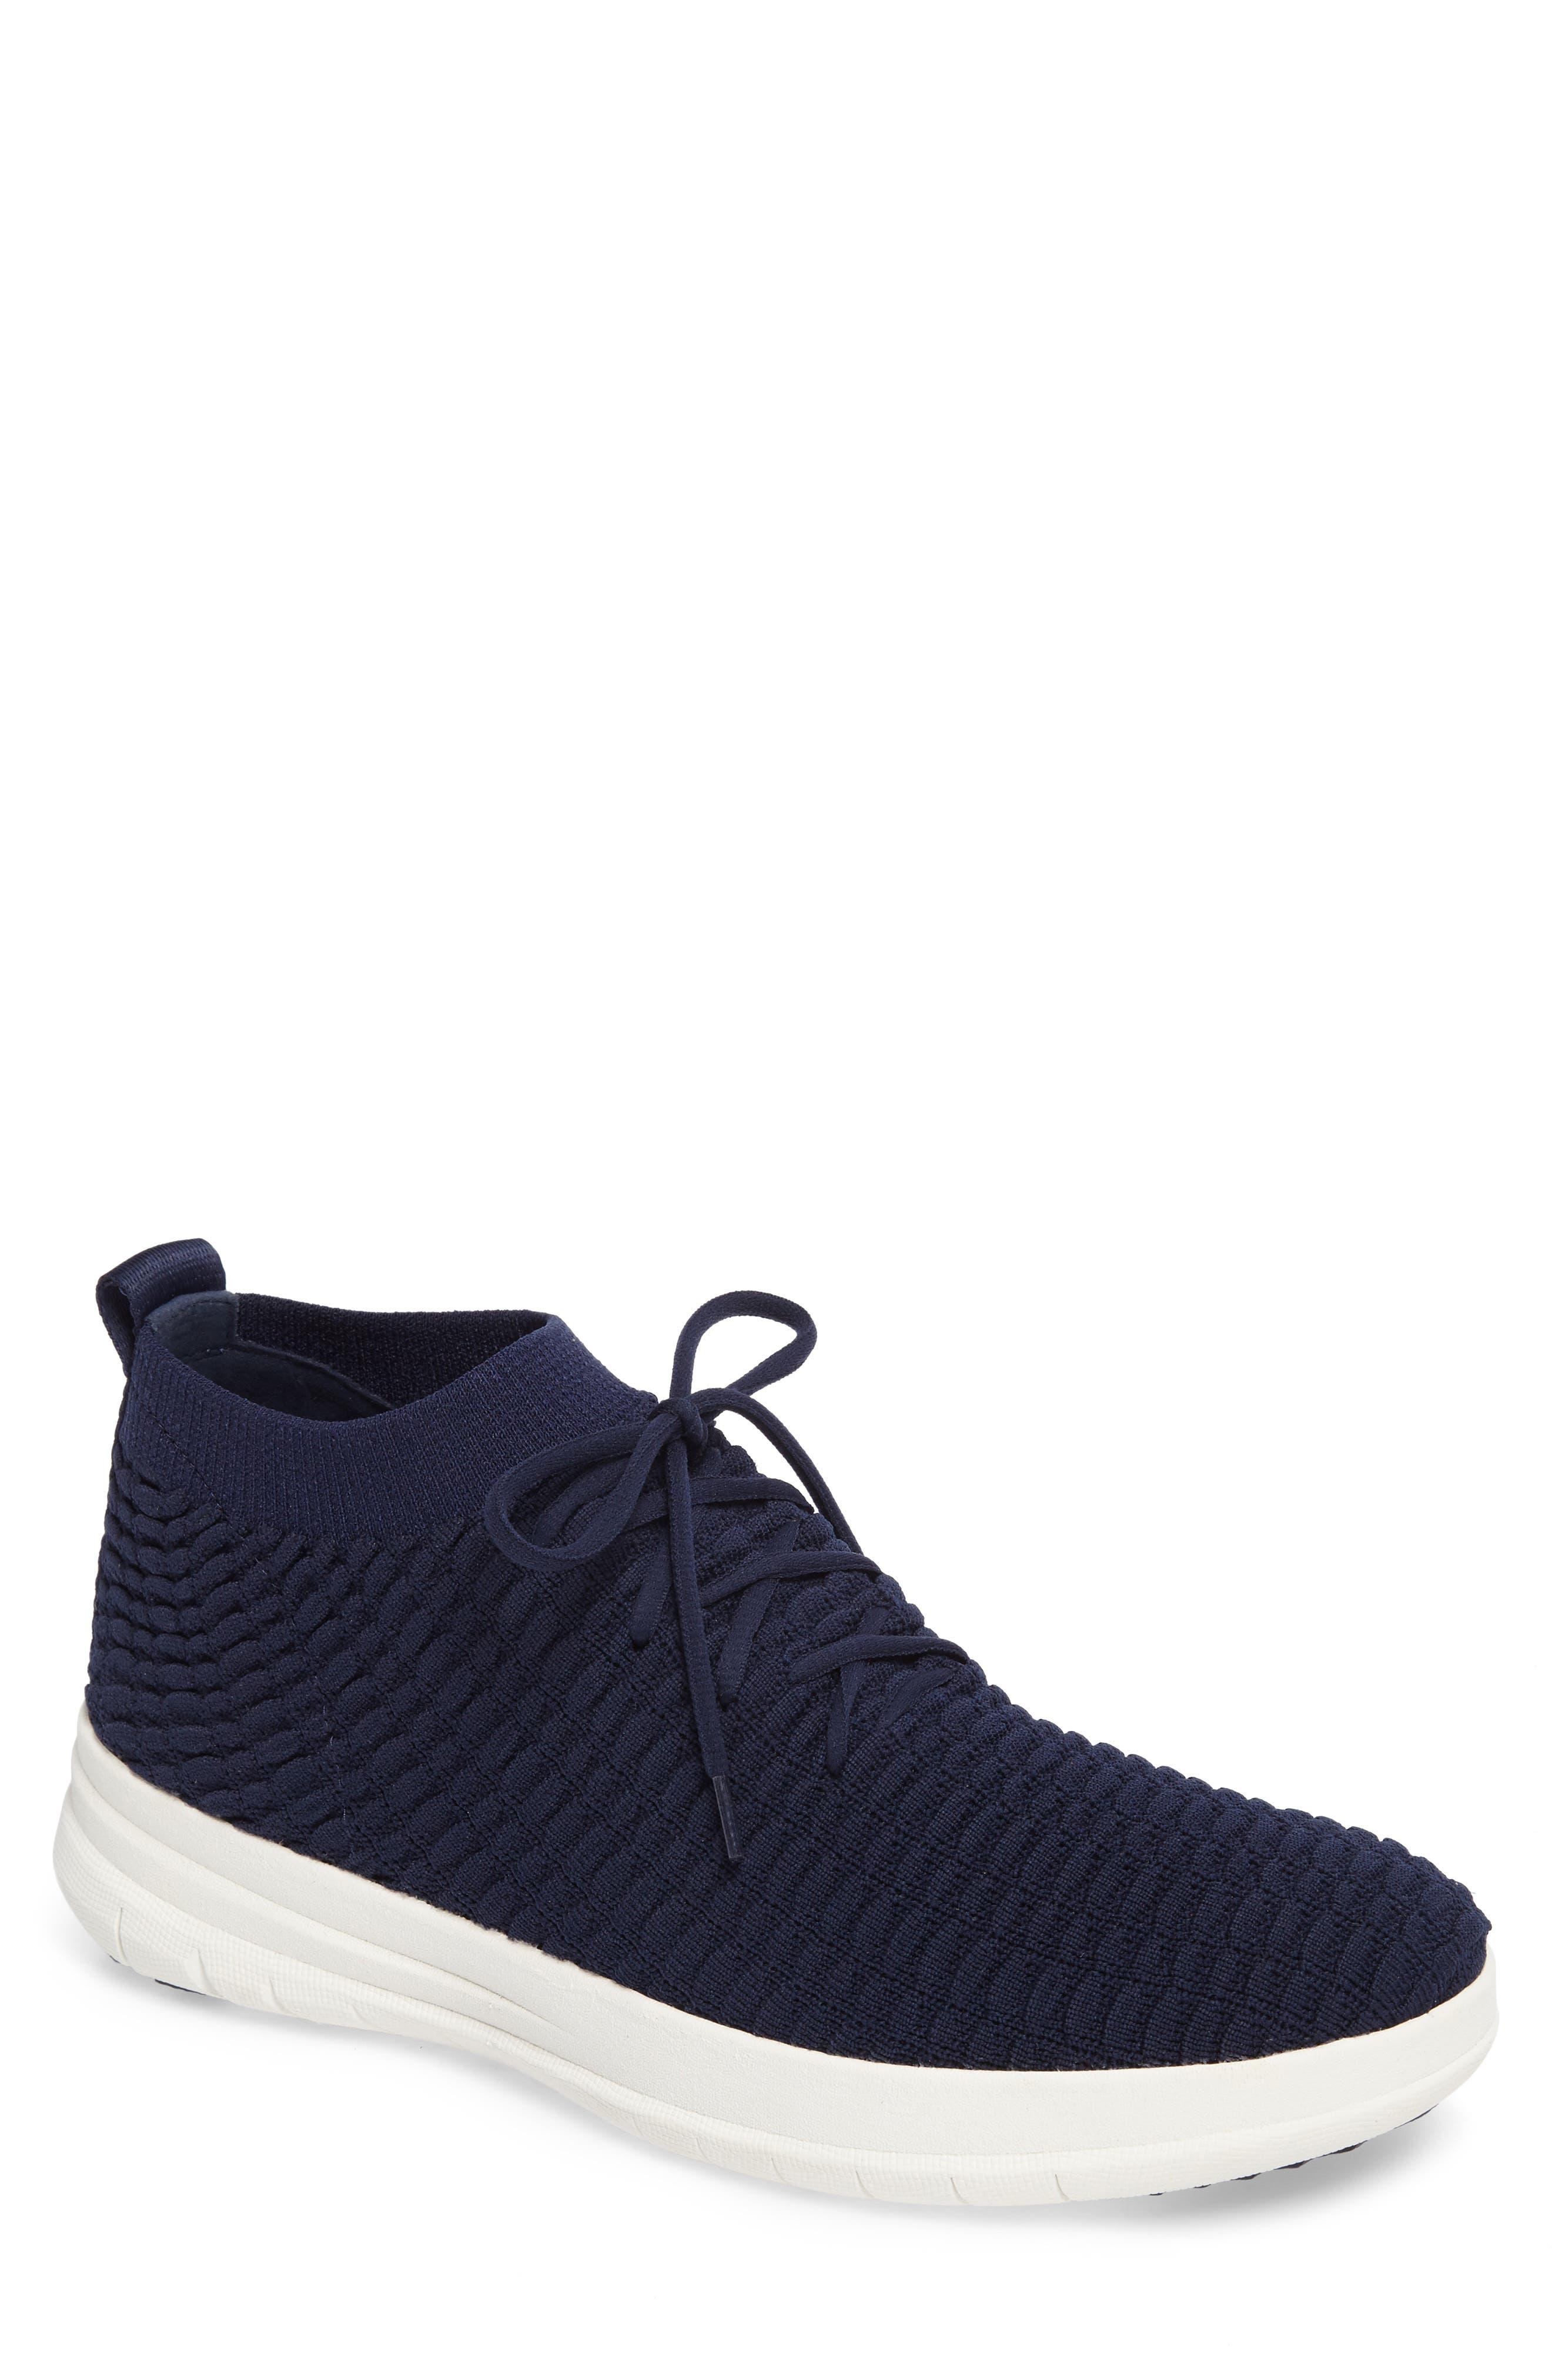 FitFlop Uberknit Sneaker (Men)